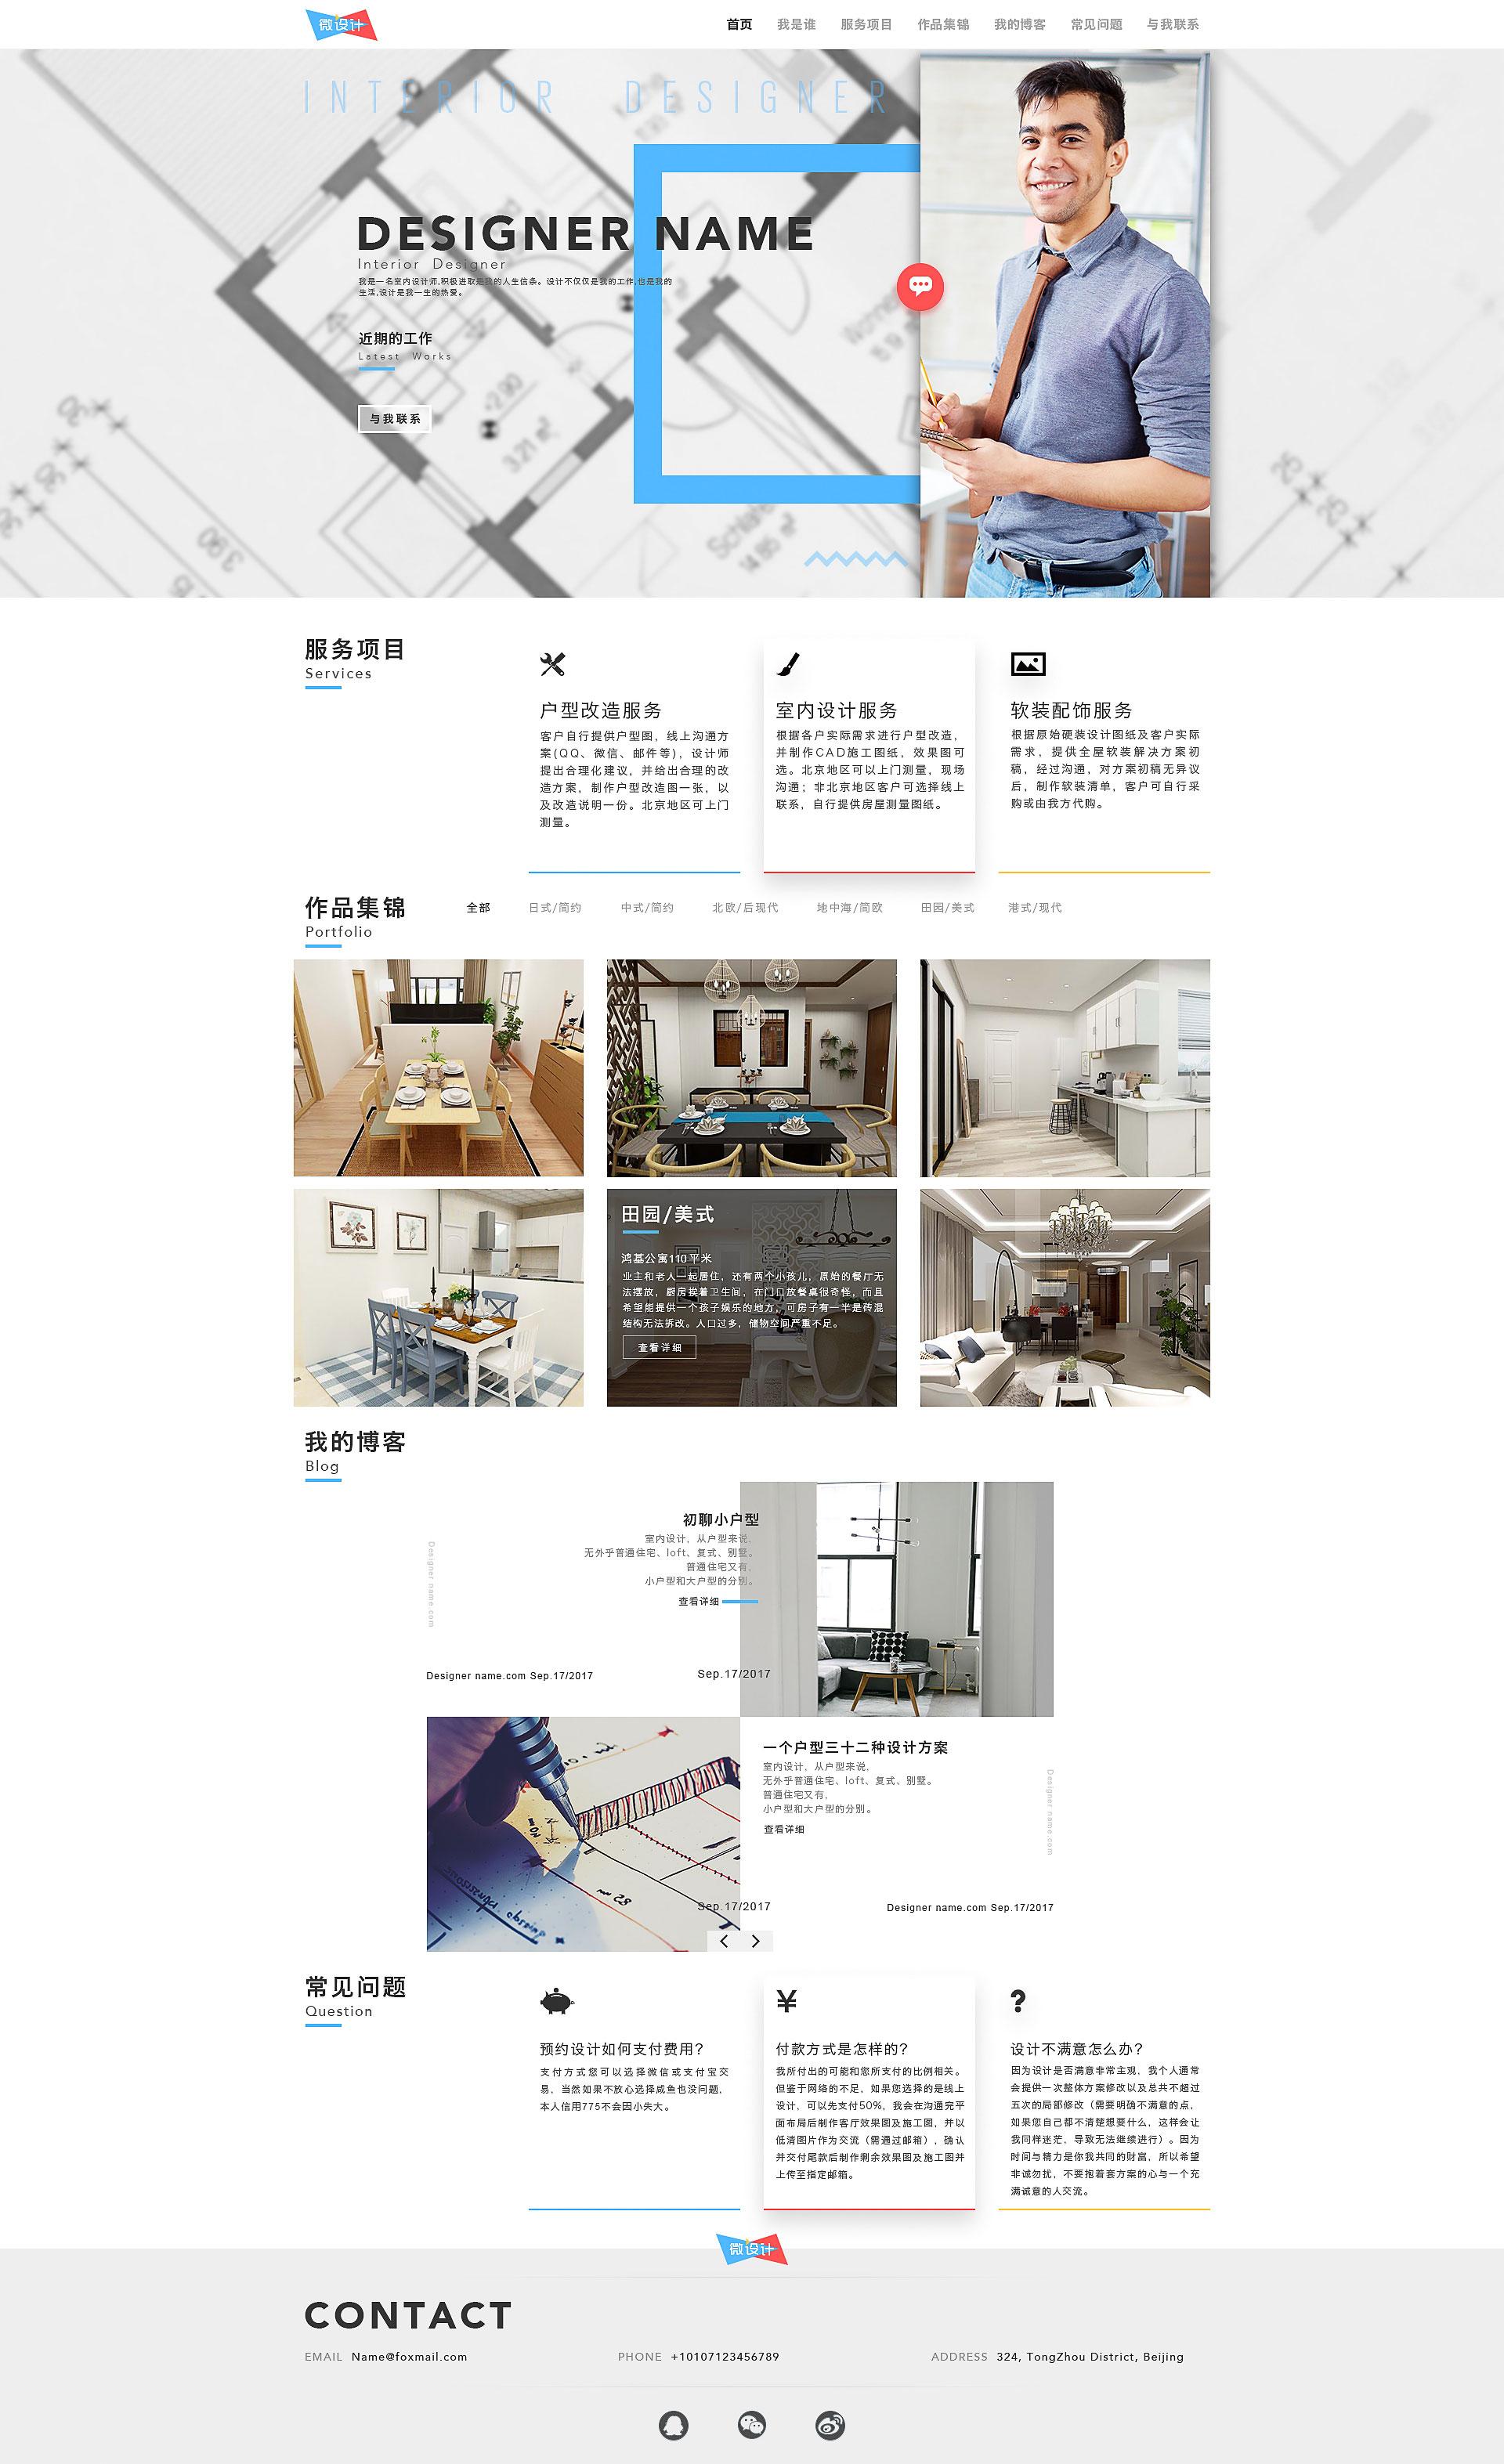 室内设计师个案例国内外高校景观设计网站图片